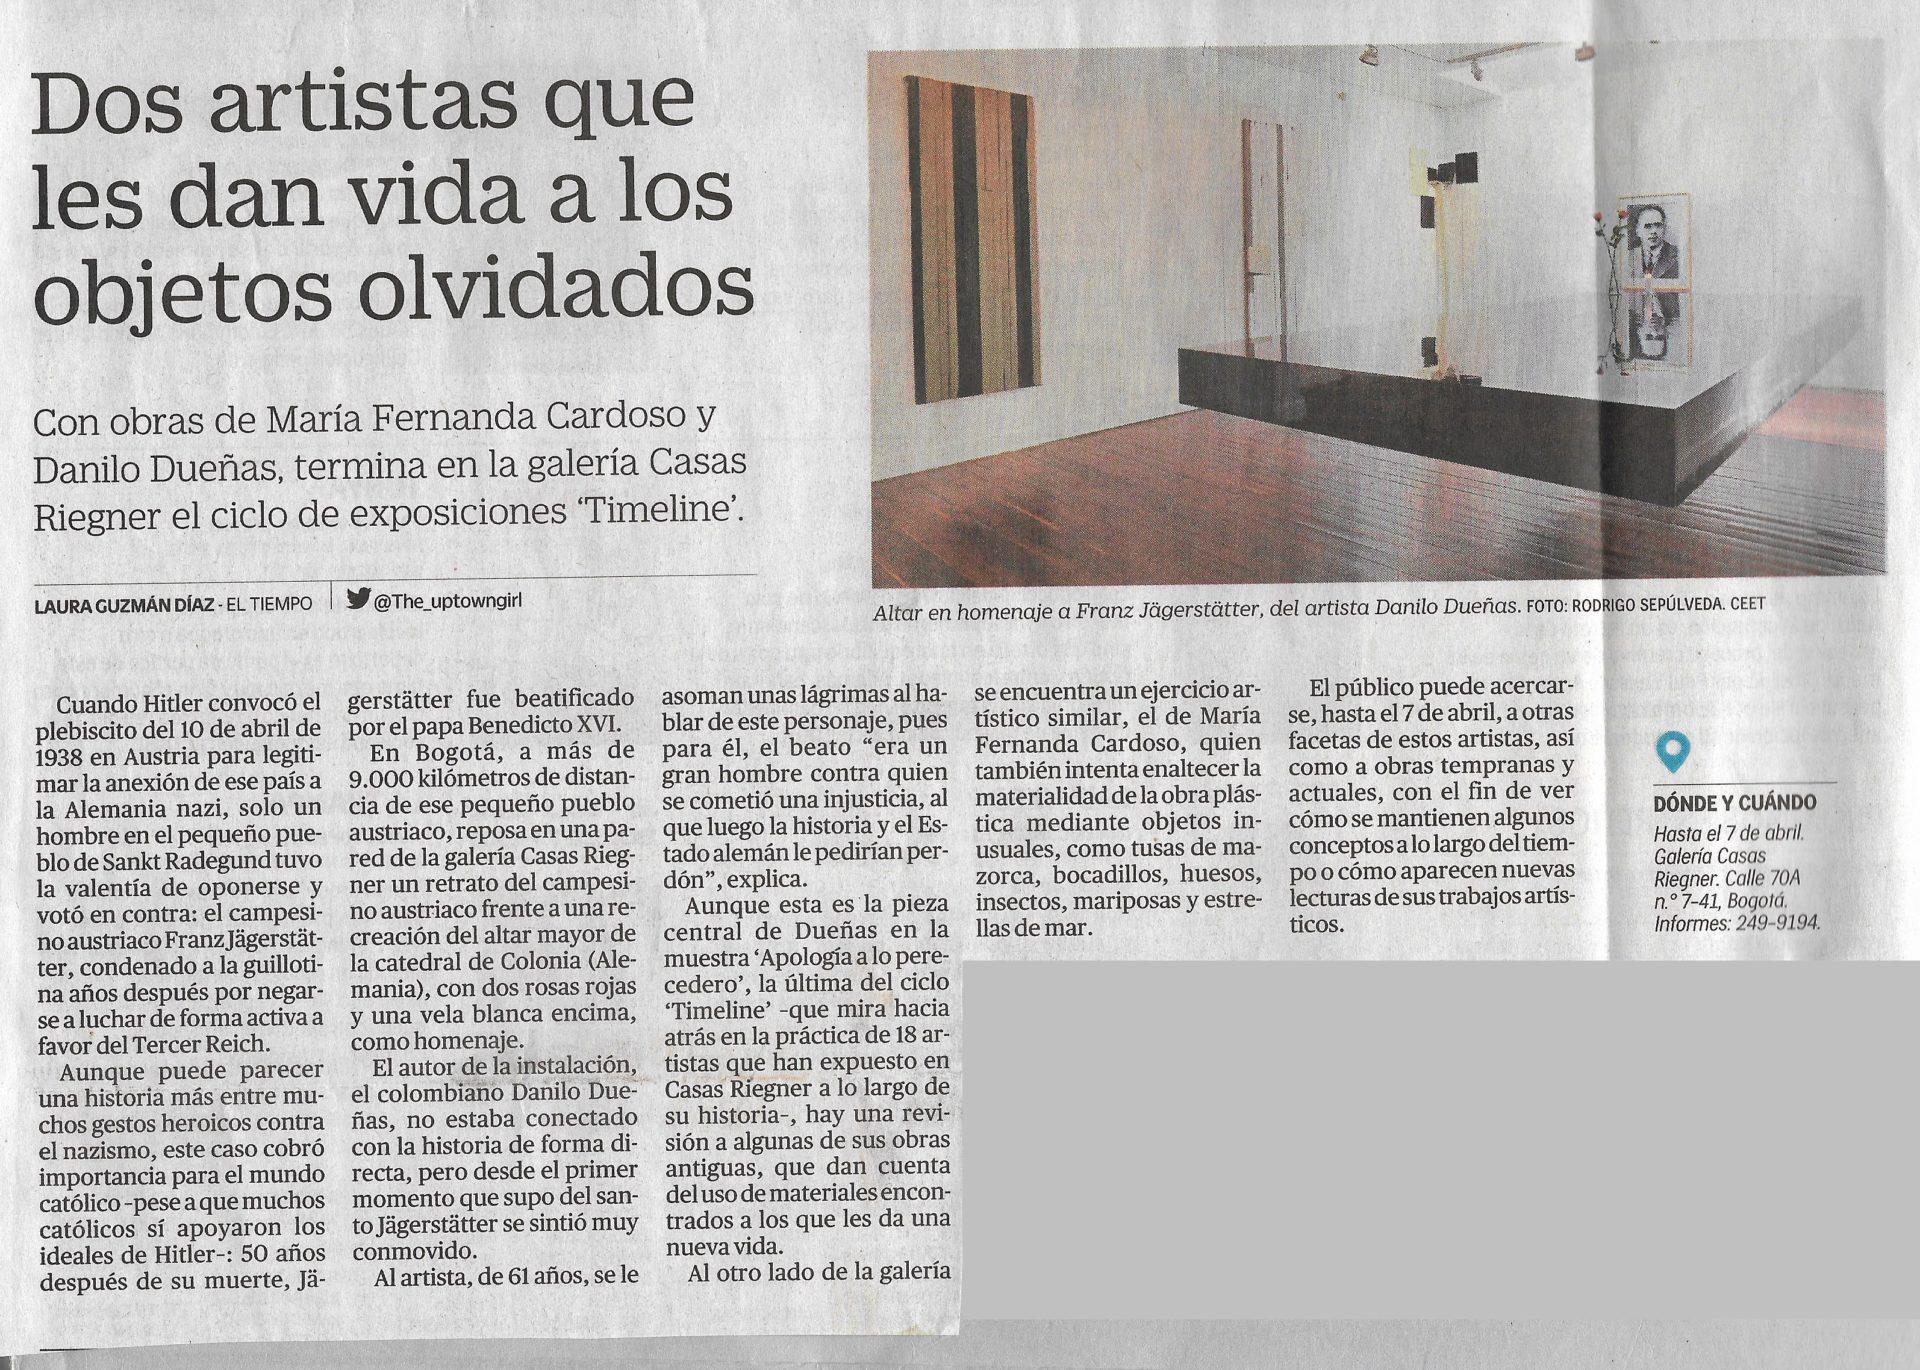 """EL TIEMPO. (2018). """"Dos artistas que le dan vida a los objetos olvidados"""". Periódico El Tiempo. Lunes 26 de febrero, 2018."""